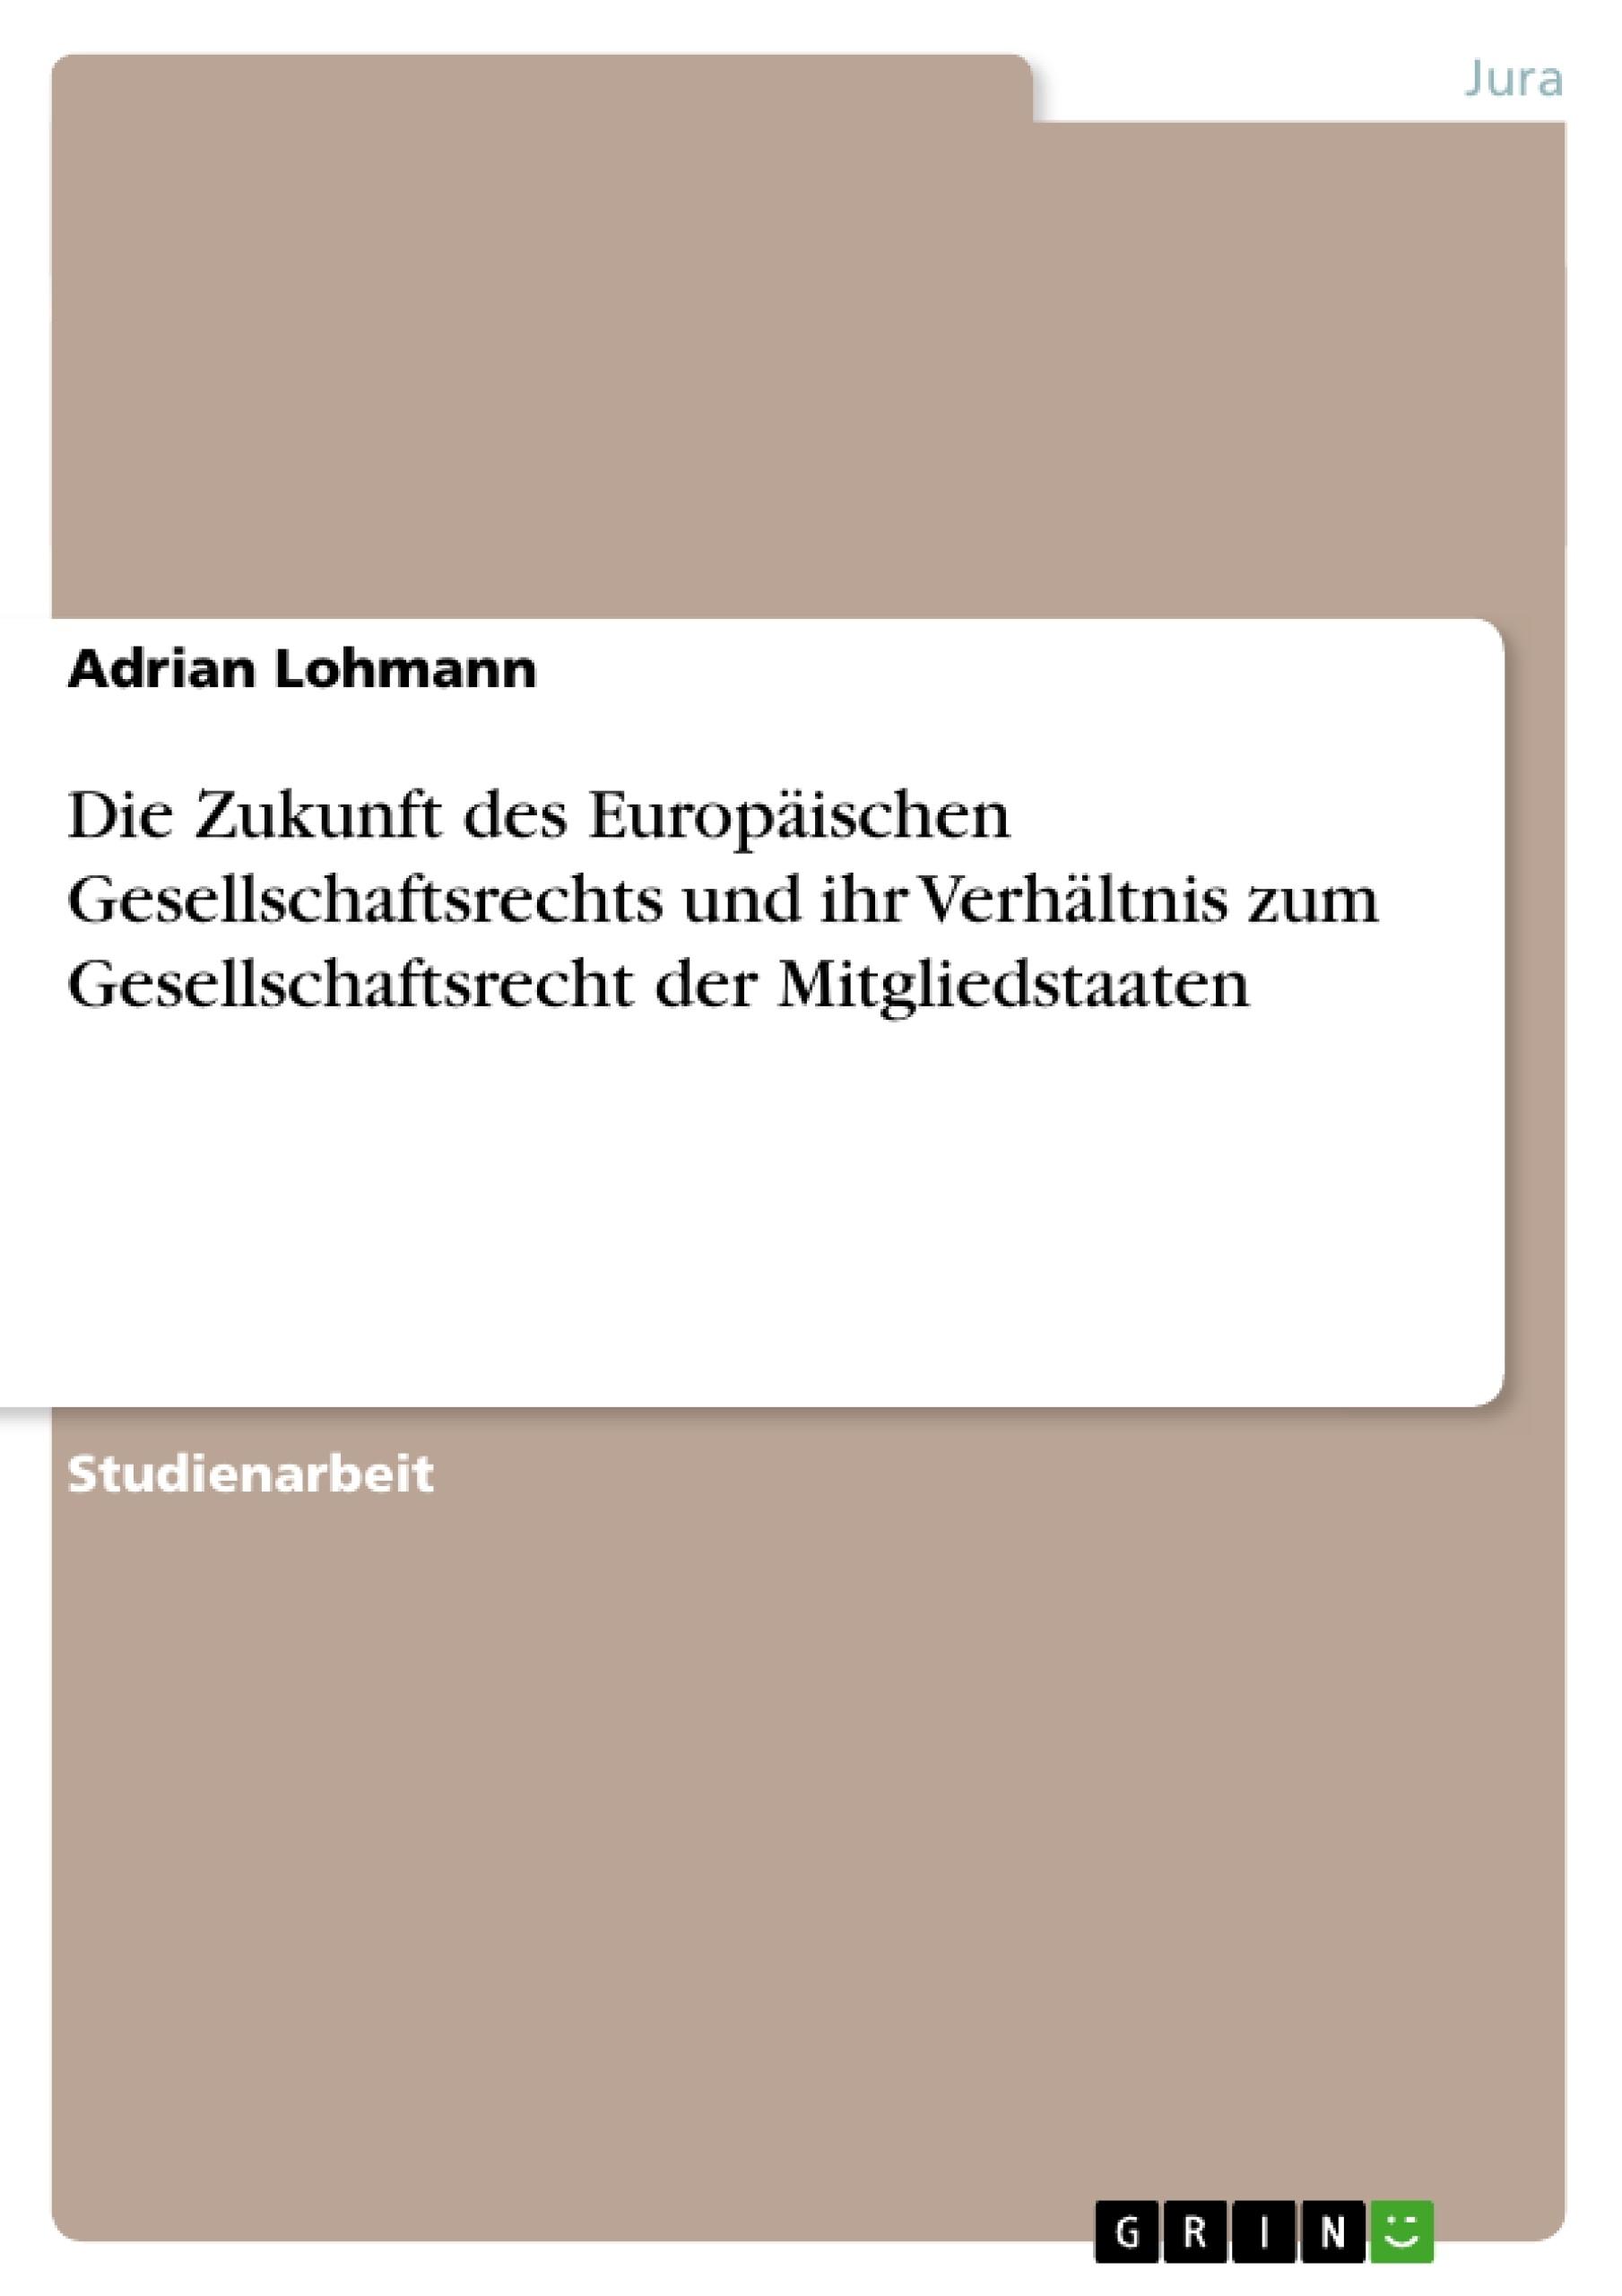 Titel: Die Zukunft des Europäischen Gesellschaftsrechts und ihr Verhältnis zum Gesellschaftsrecht der Mitgliedstaaten